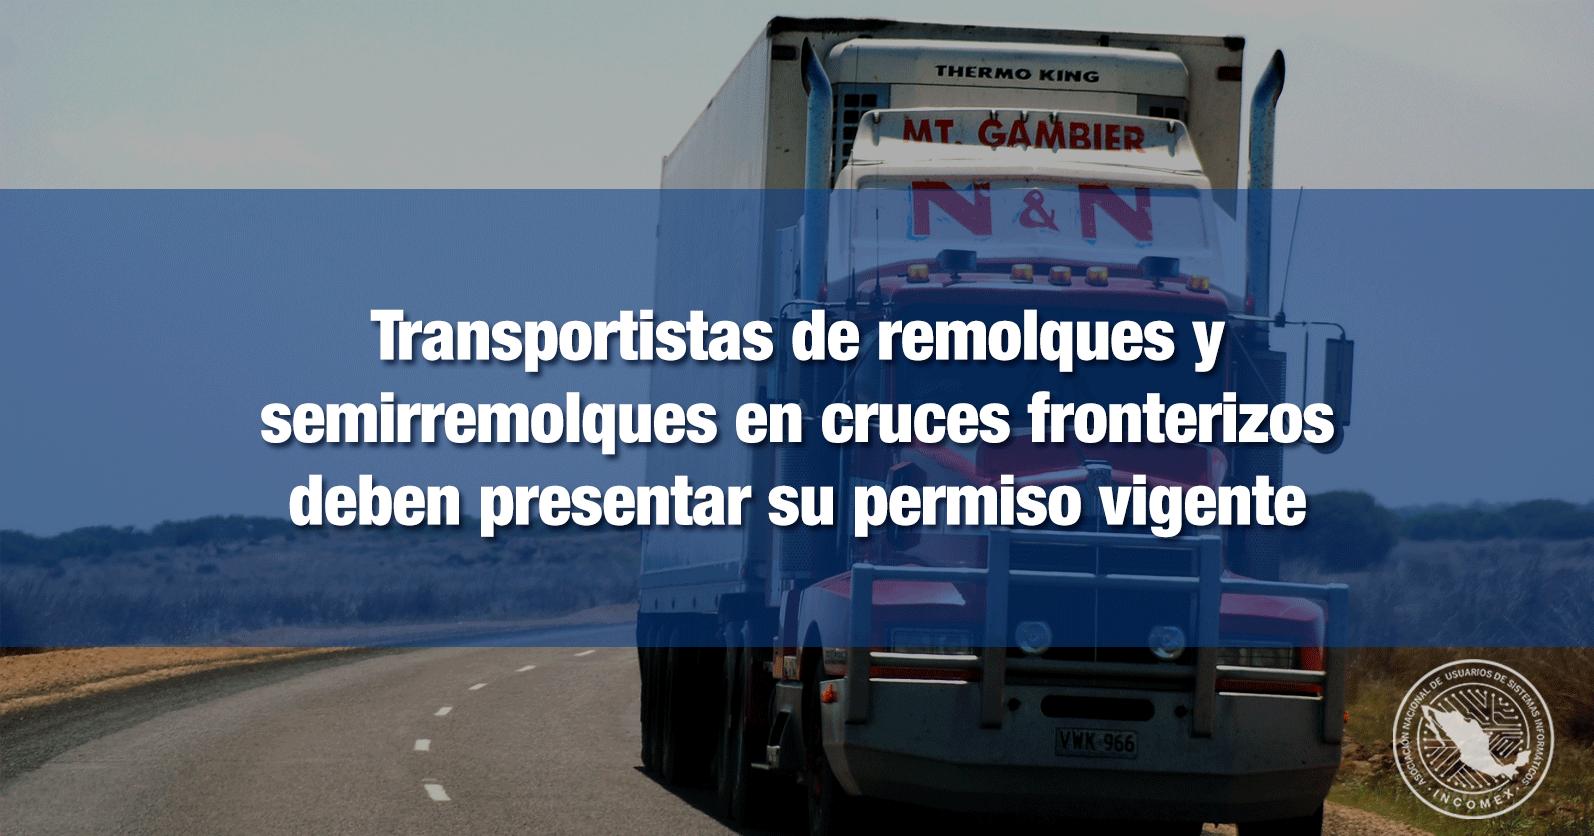 Transportistas de remolques y semirremolques en cruces fronterizos deben presentar su permiso vigente